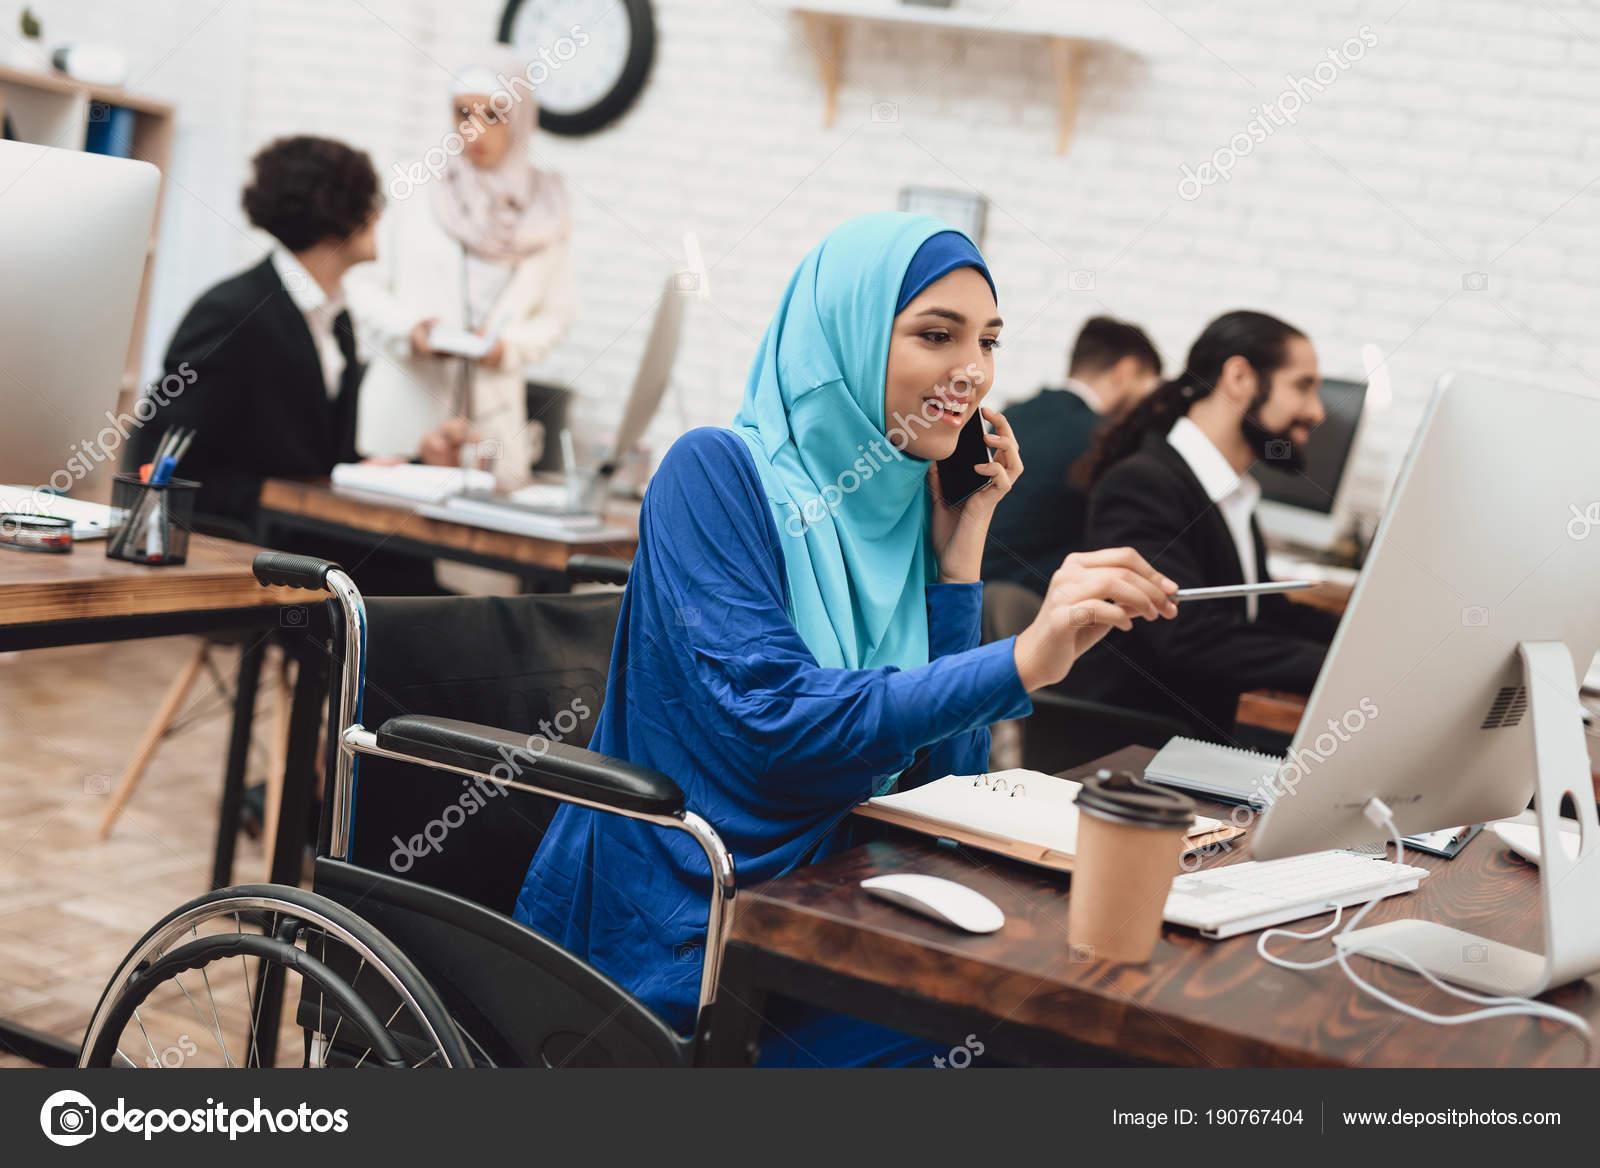 Handicapées femme arabe hijab fauteuil roulant travail sur